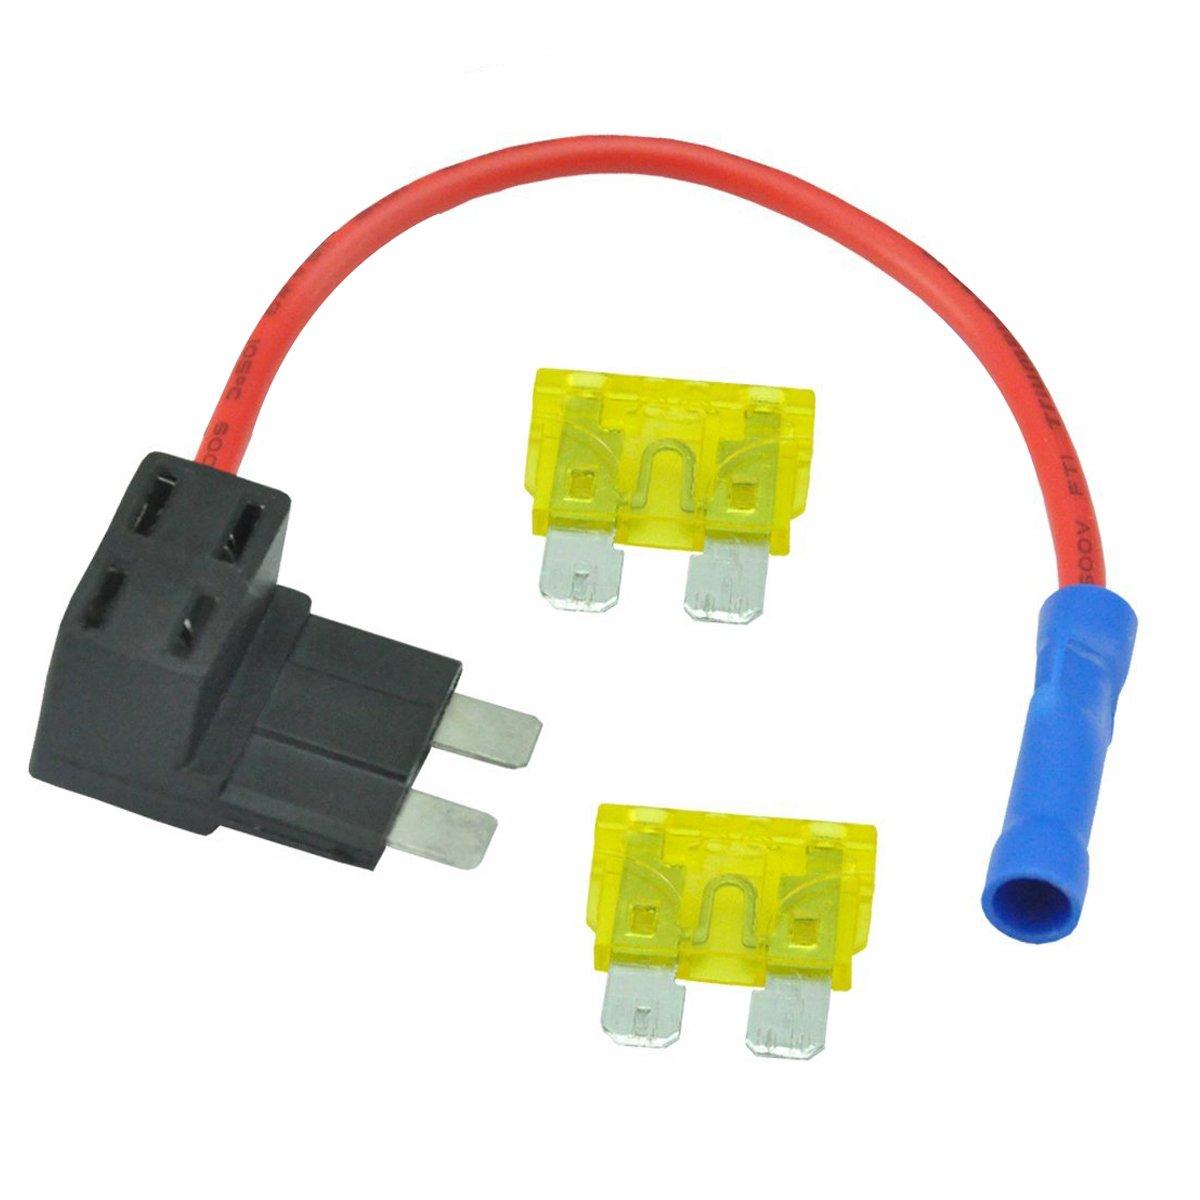 fuse jumper wire box today diagram data schema Homemade Heater Wire mini fuse tap amazon com fuse jumper wire box